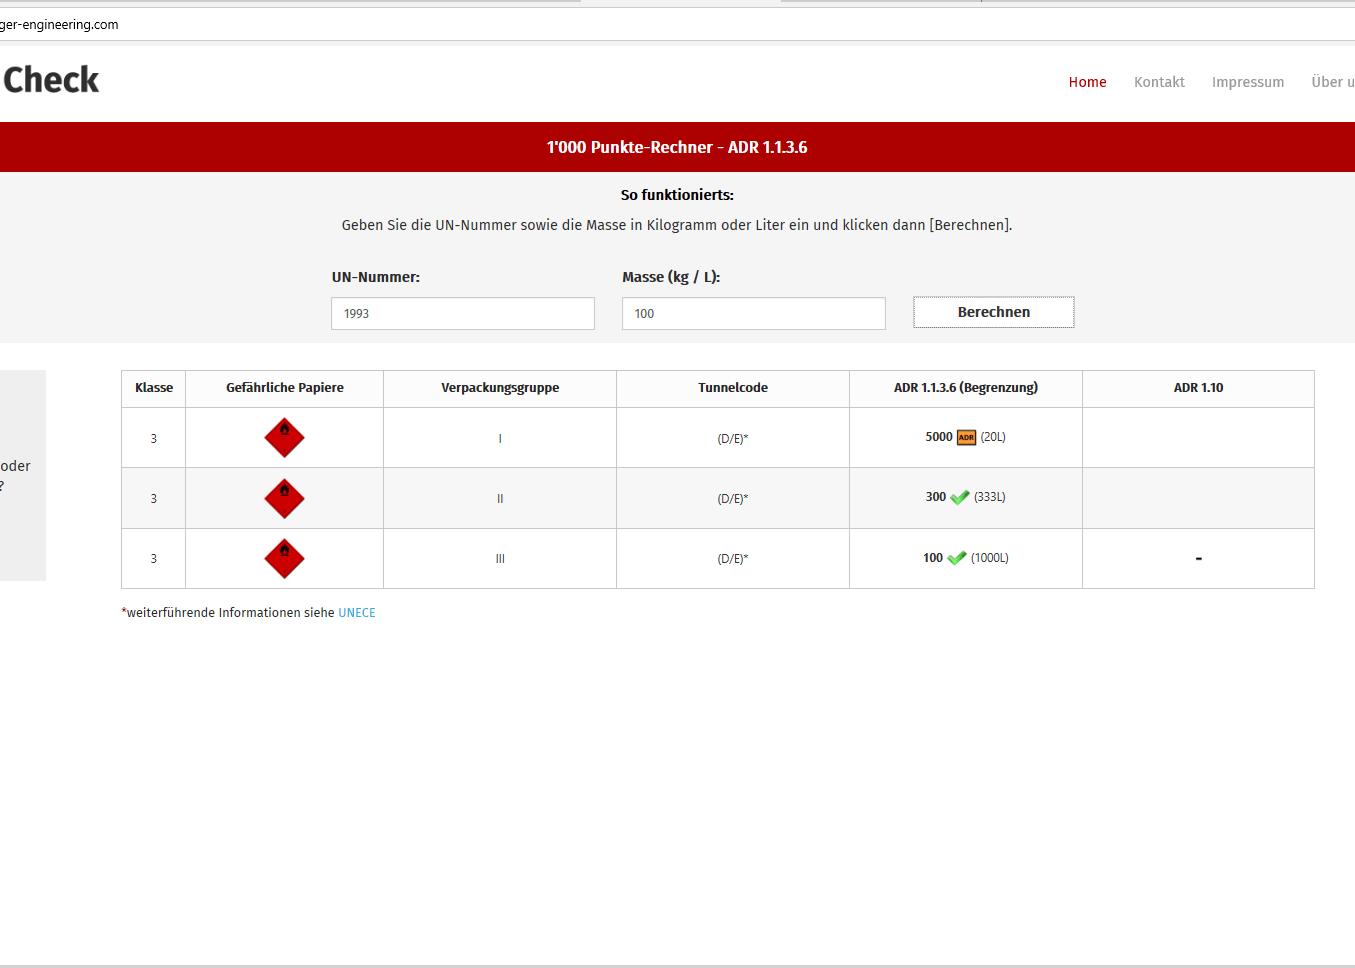 ADR-Check.com